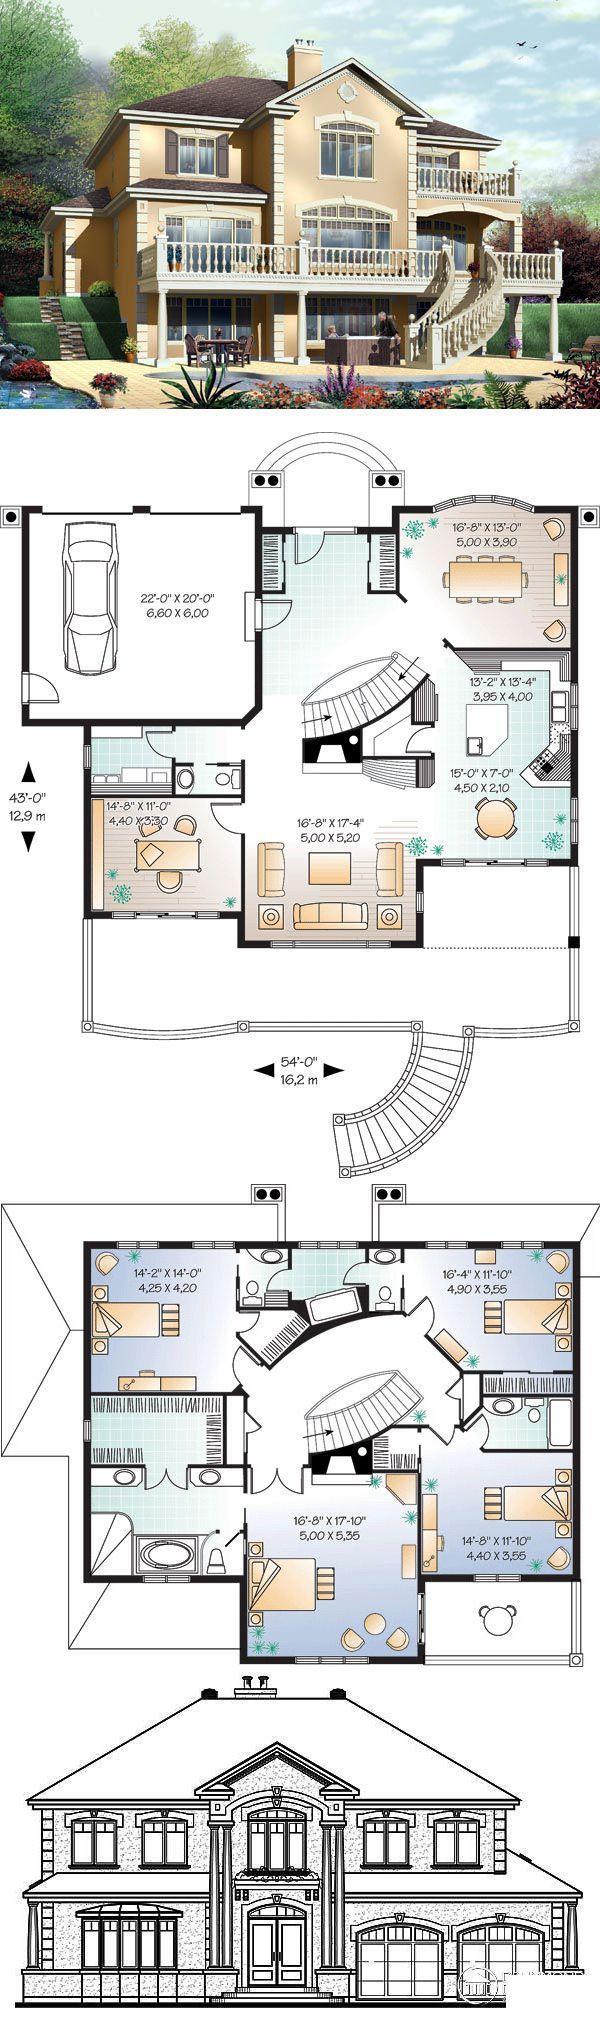 #Luxus #HousePlan 65472 | Dieses prächtige Haus ist sowohl von vorne als auch v…  # Houses & Places